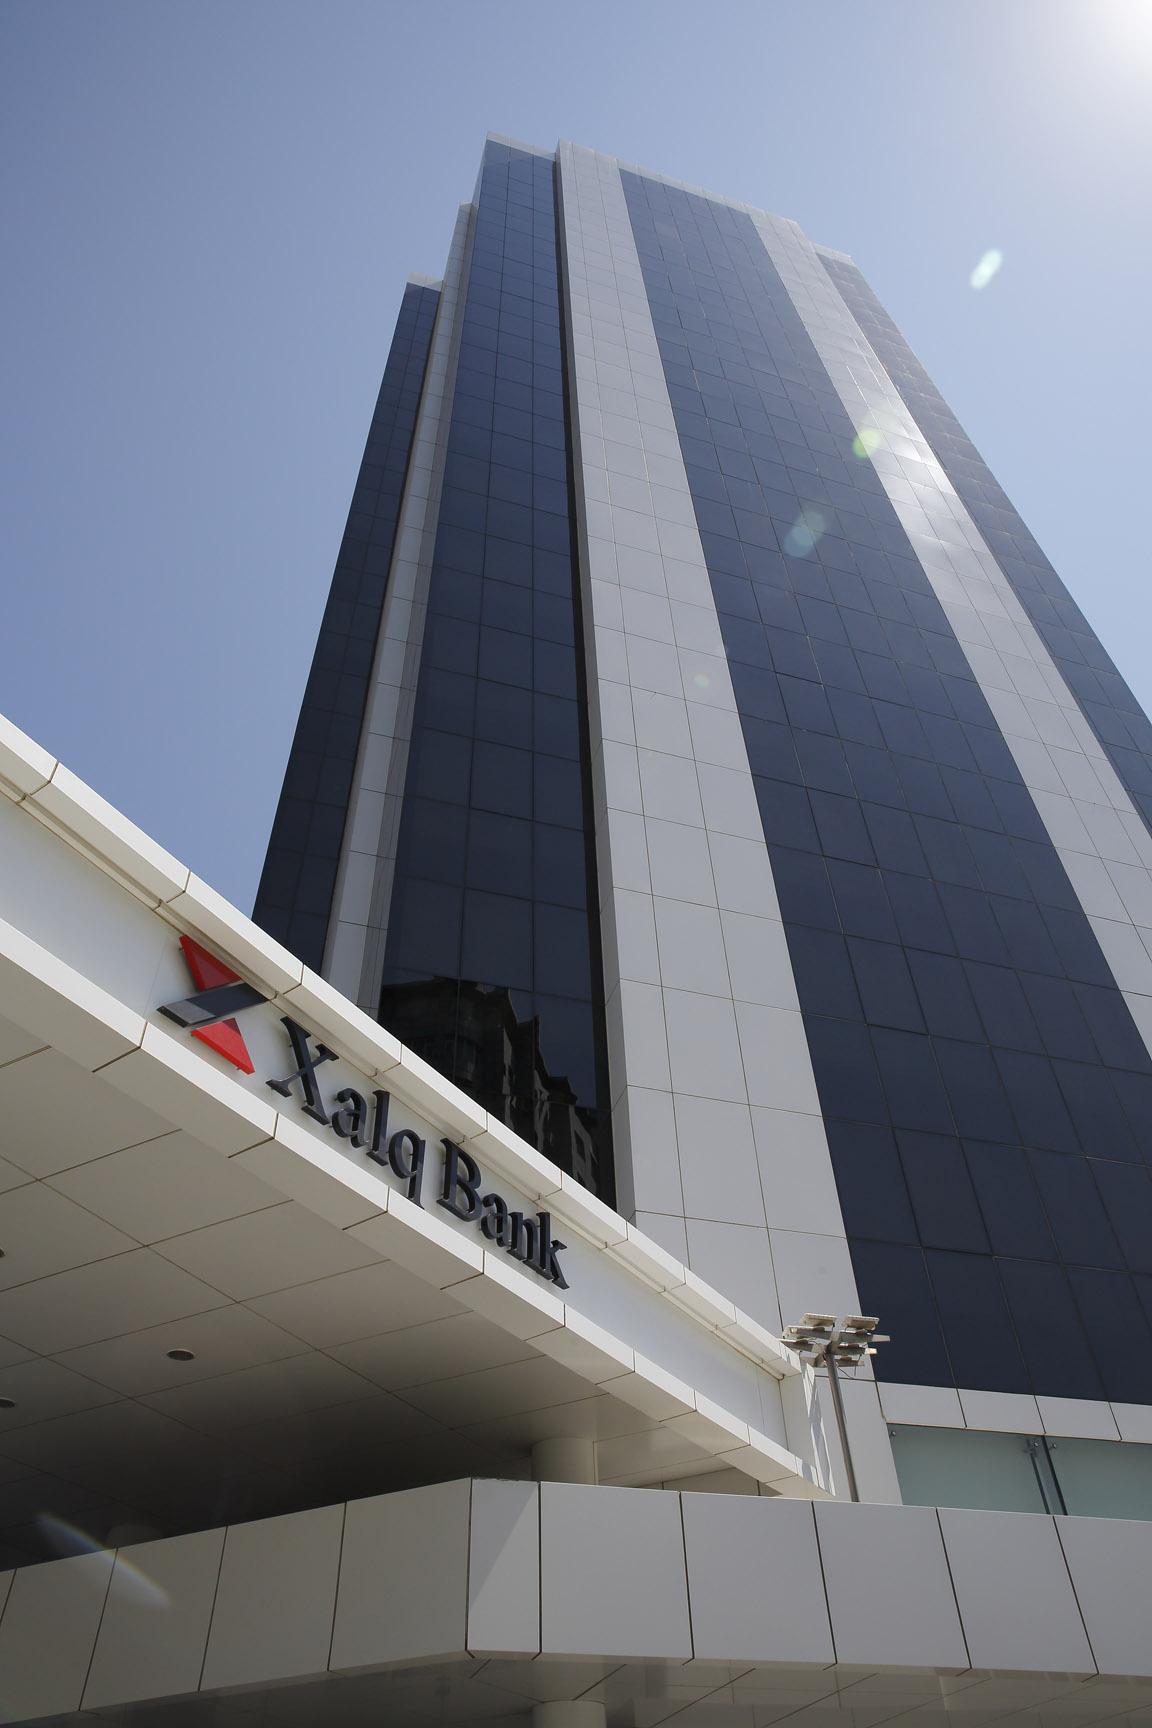 Xалг Банк Итоги первого полугодия: стабильный рост по всем показателям